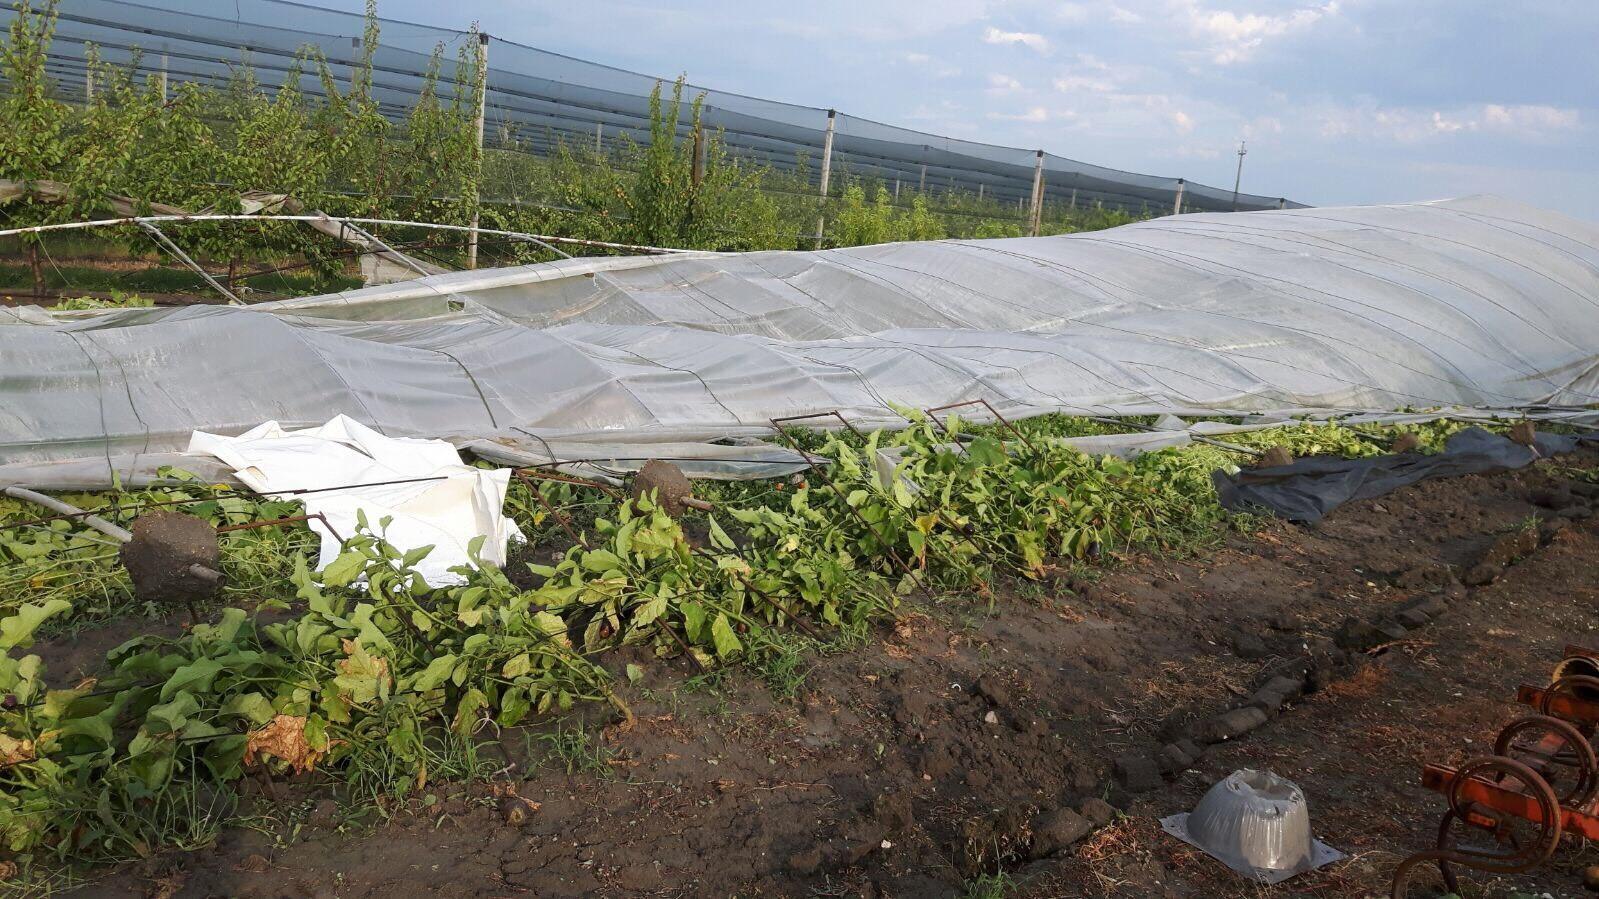 Risultati immagini per tromba d'aria agricoltura